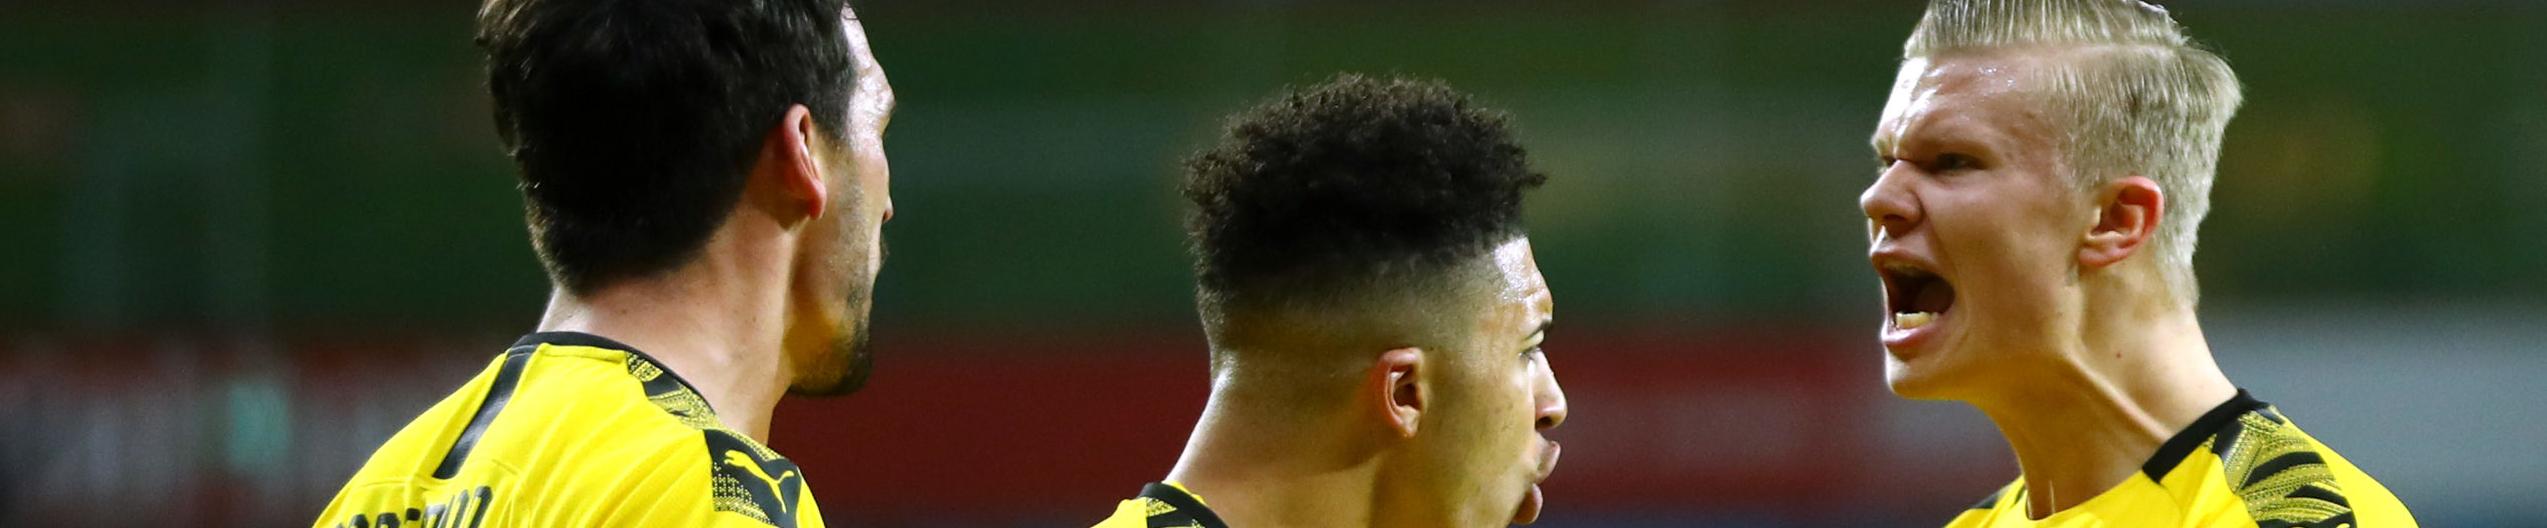 Borussia Dortmund-Eintracht: Favre punta il Bayern